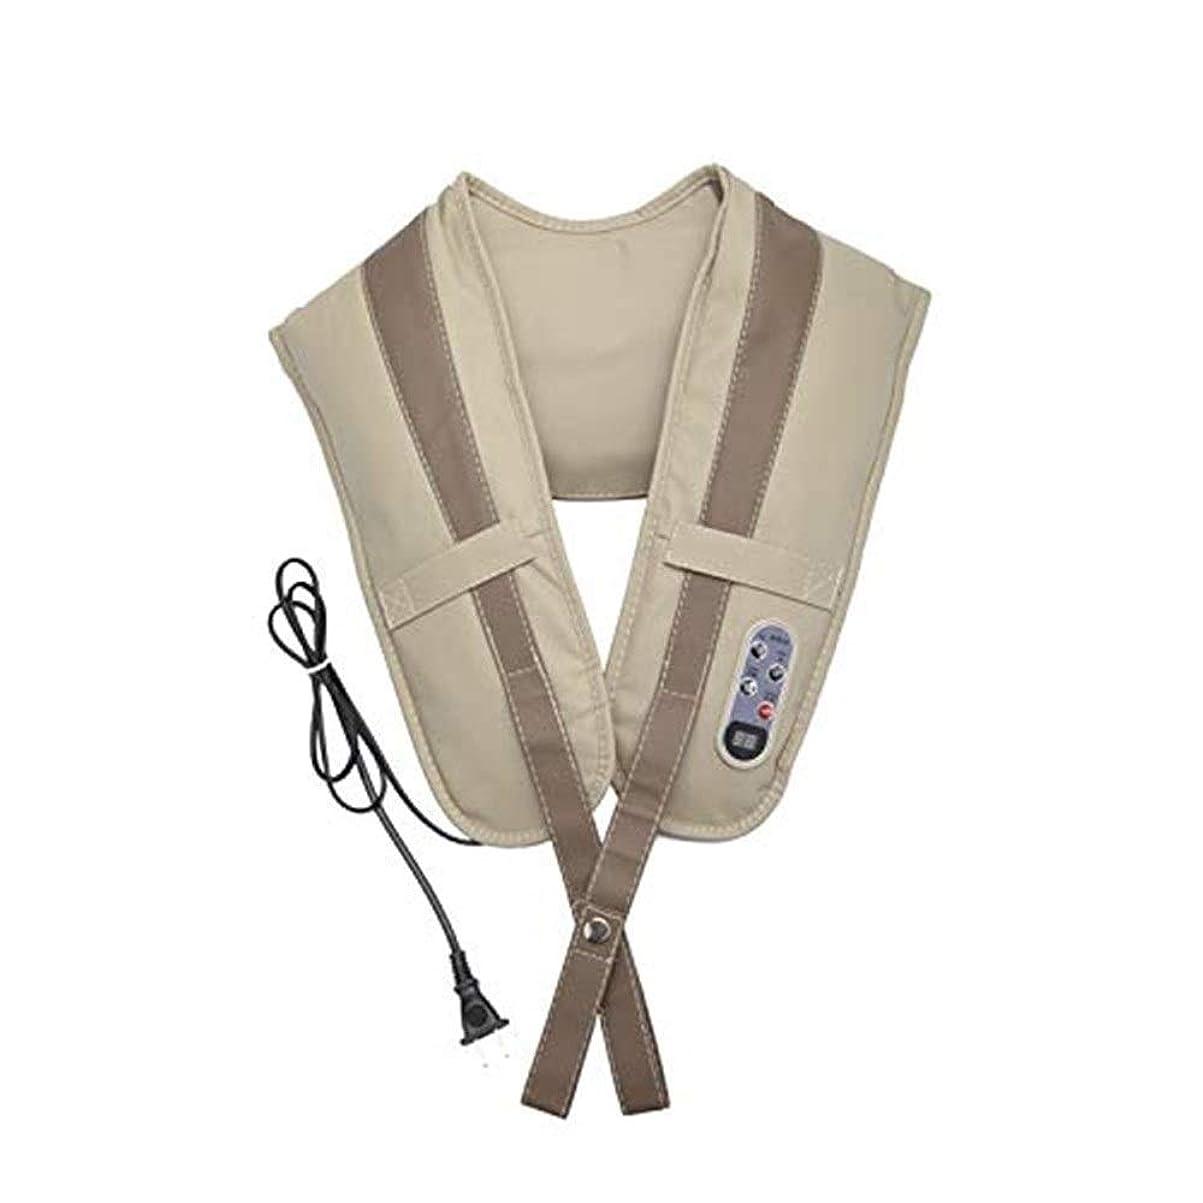 指頑張る欺マッサージ 指圧深さ混練マッサージ枕暖房、首、肩、背中、足と足のマッサージャー、ベージュ マッサージ クッション